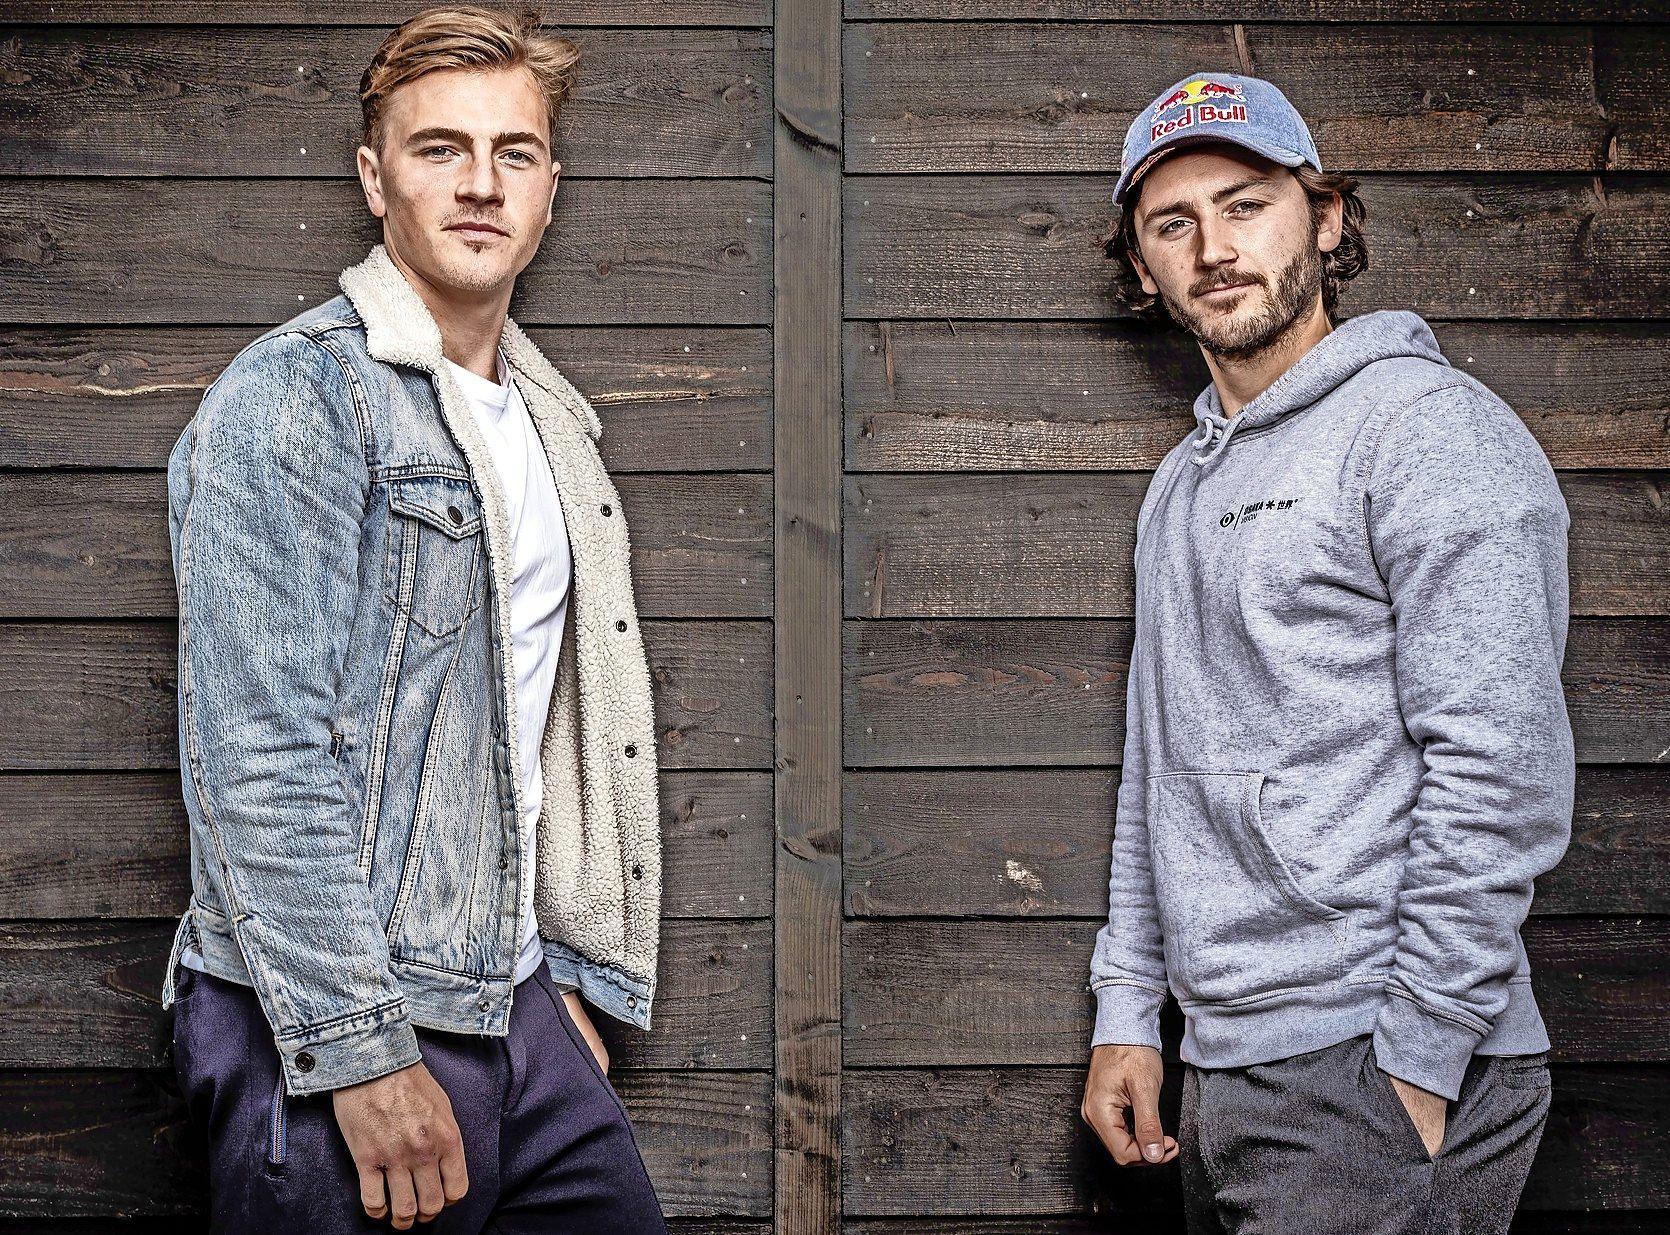 Bloemendaalse hockeyvrienden Jorrit Croon en Arthur van Doren zijn zaterdag even gezworen vijanden